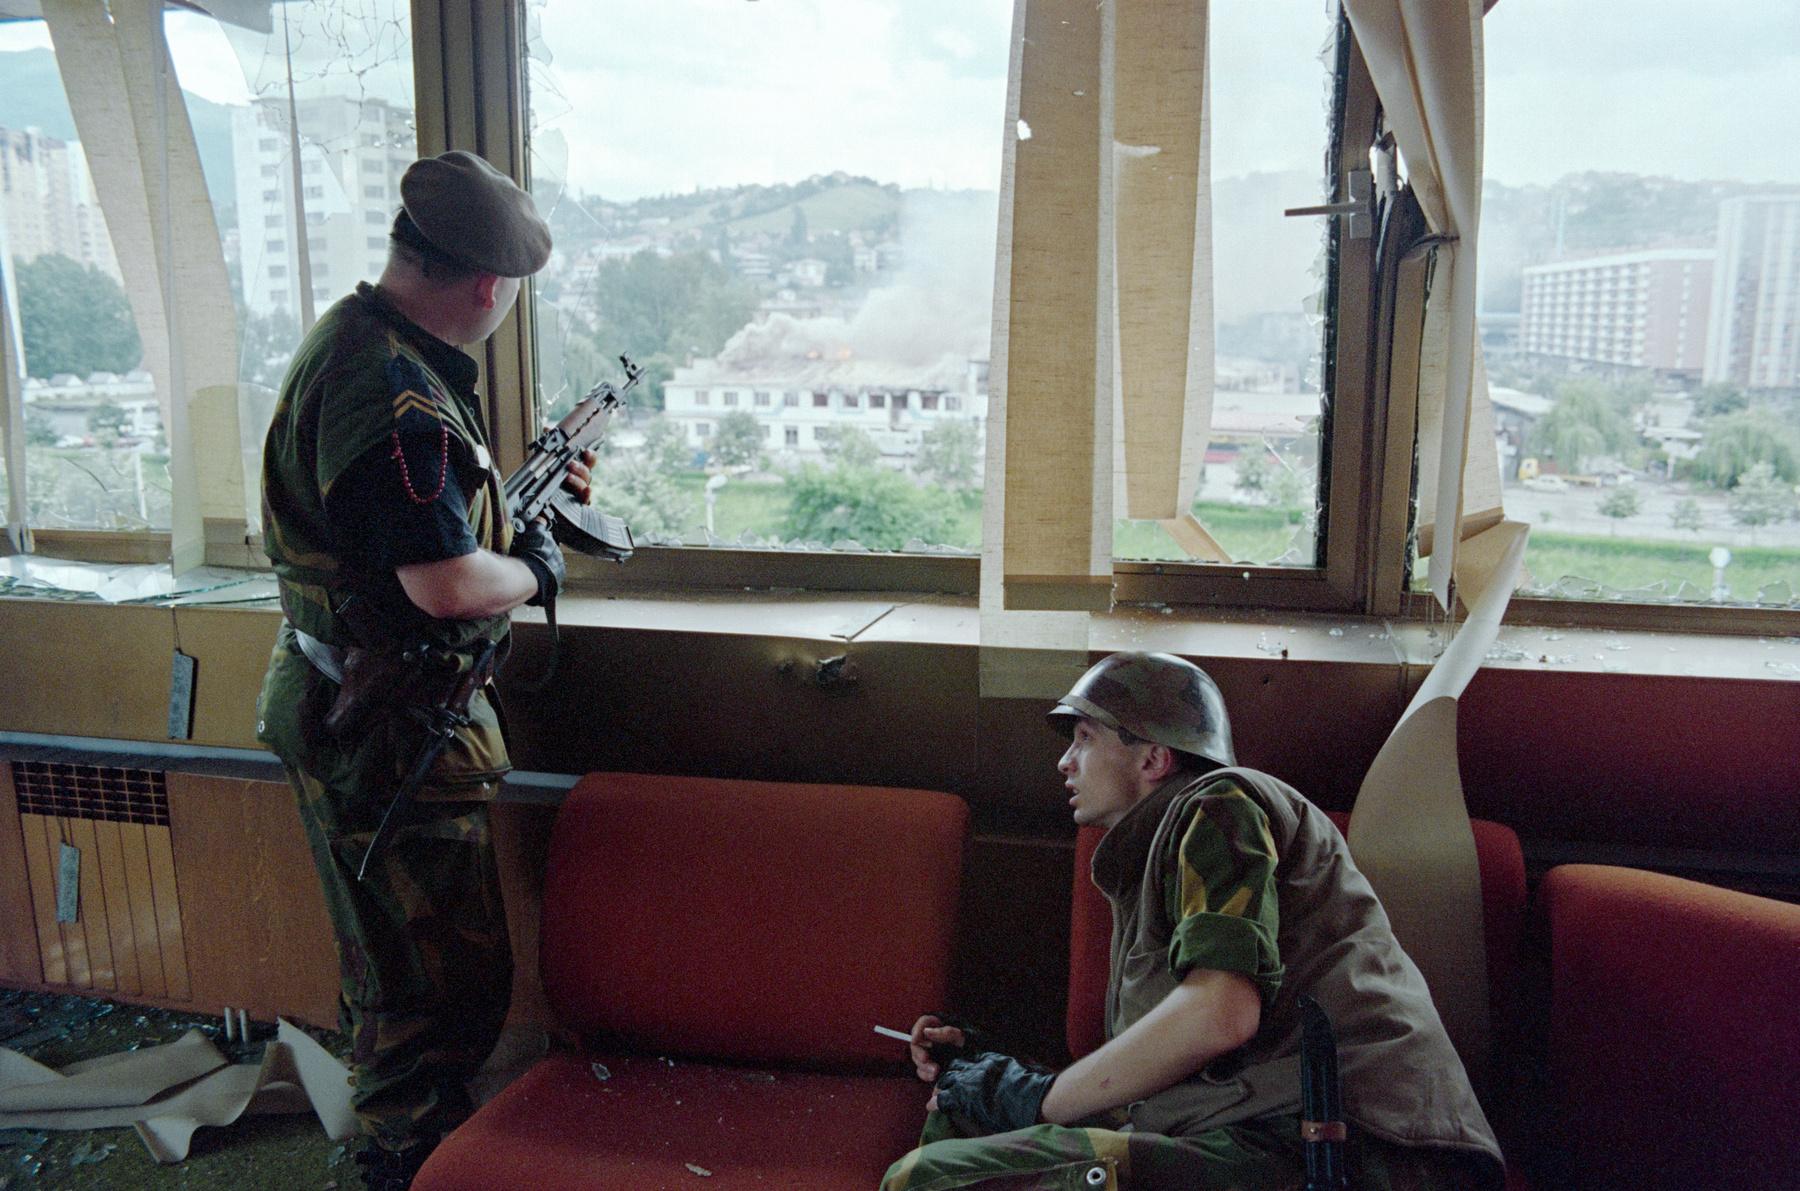 Bosnyák asszony imádkozik az áldozatok nevei felett a Potocari emlékfalnál. A boszniai háborúban legalább 100 ezren haltak meg, több mint 2 millió embernek kellett elhagynia az otthonát. Ez volt a legpusztítóbb európai háború a második világháború után.